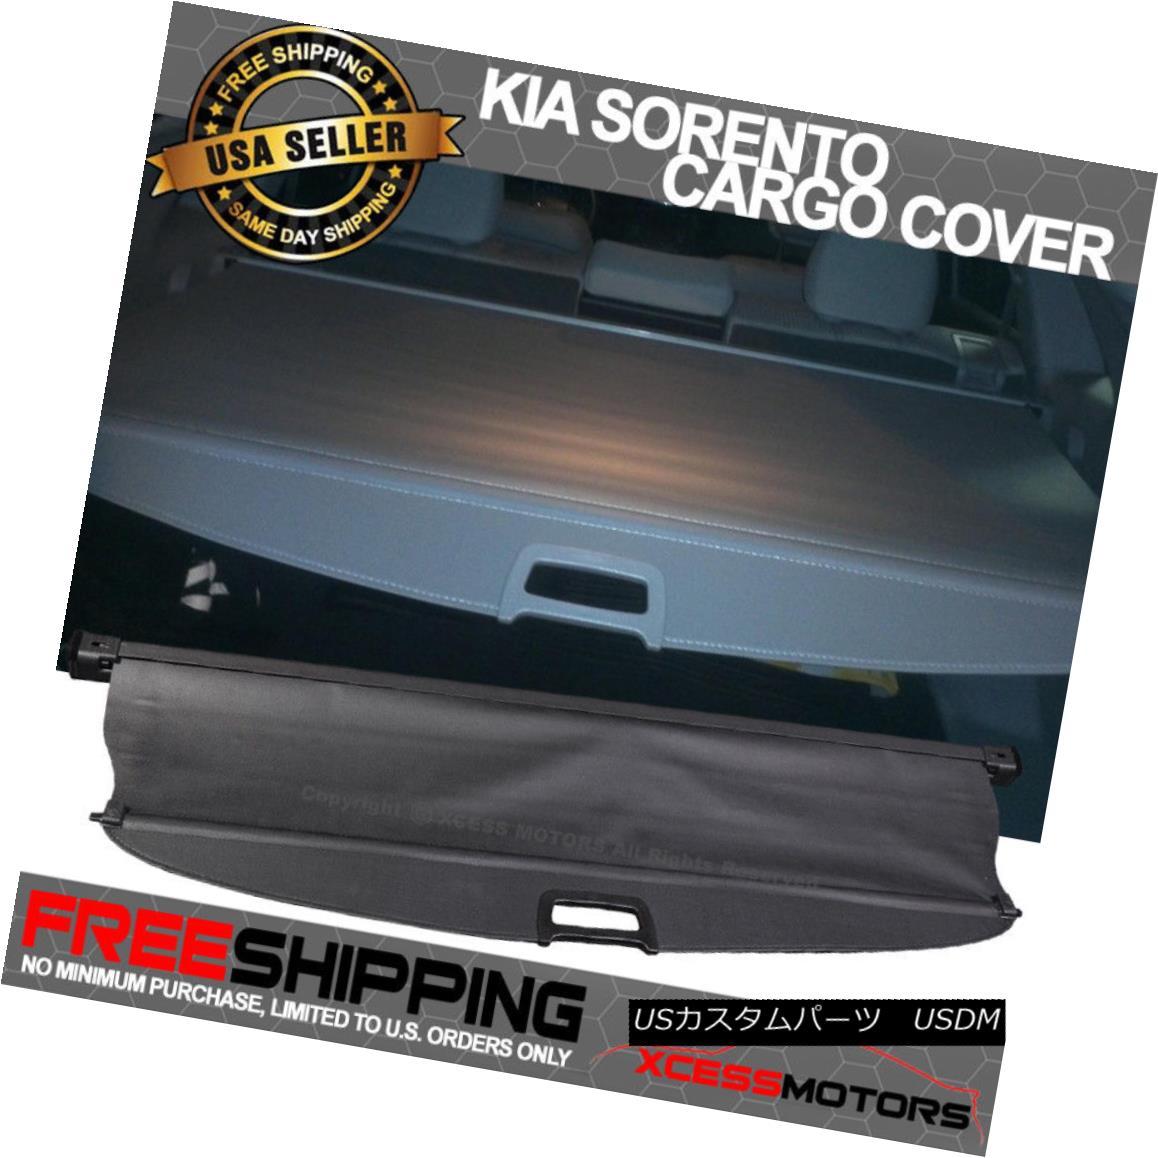 エアロパーツ For 11-15 Sorento OE Retractable Black Rear Cargo Security Trunk Cover 11-15 Sorento OEリトラクタブルブラックリアカーゴセキュリティトランクカバー